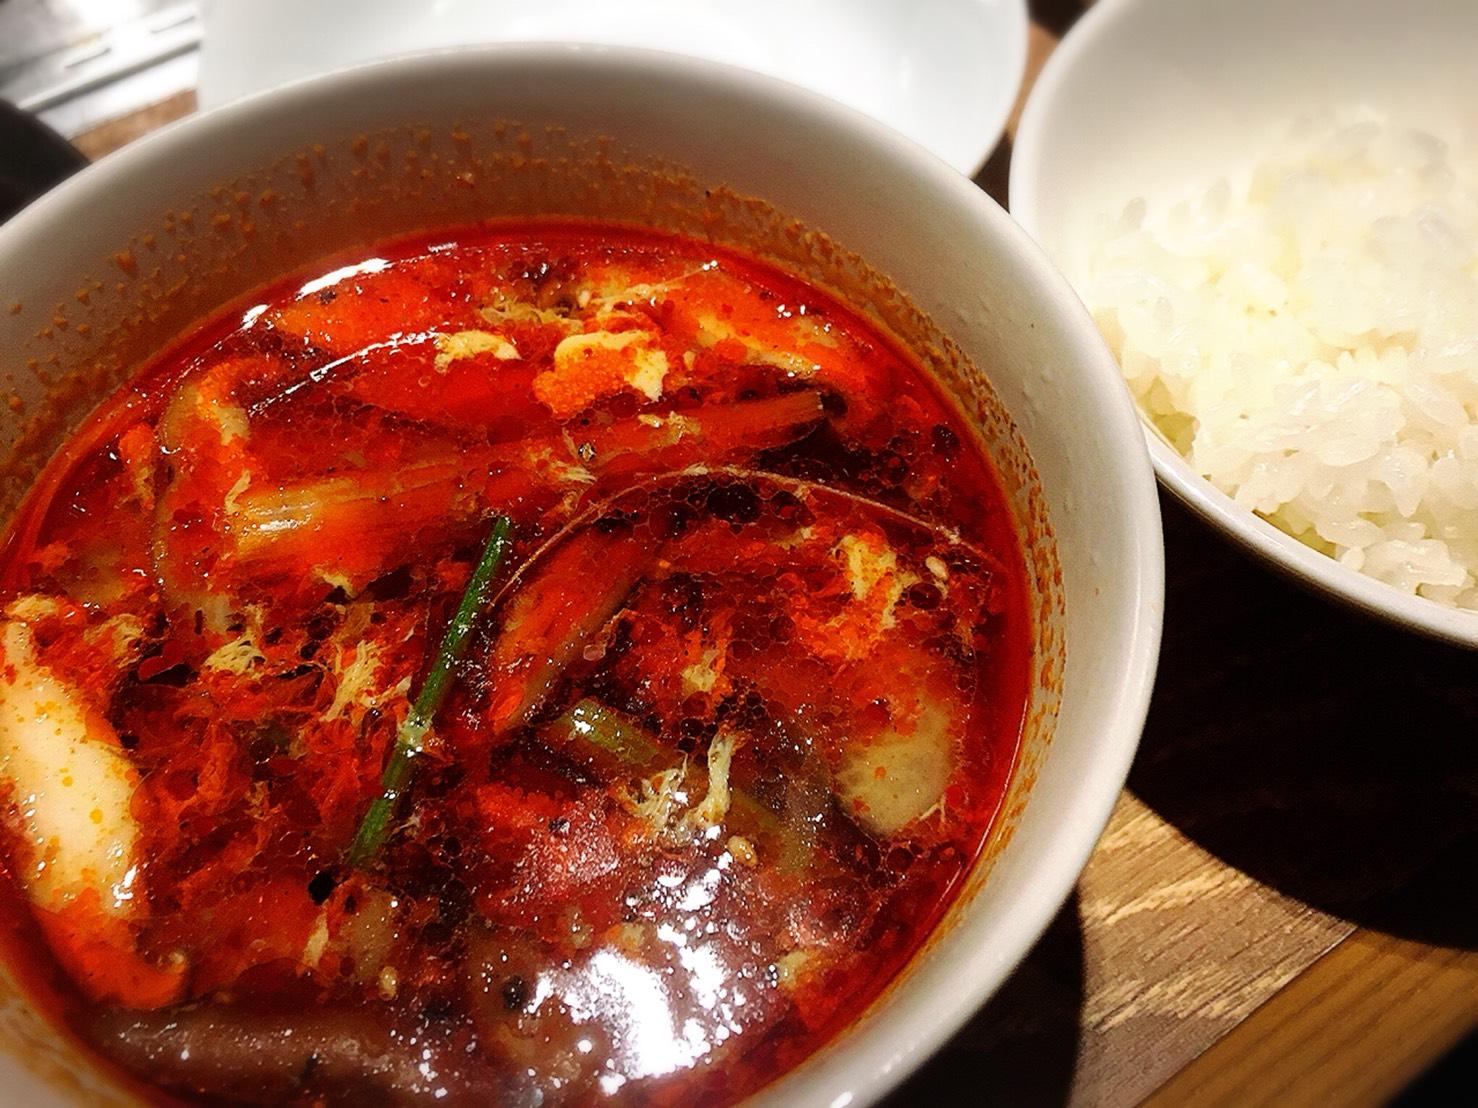 【池袋駅】激おすすめ「焼肉叙庵 サンシャインイン60通り店」のカルビスープとごはん